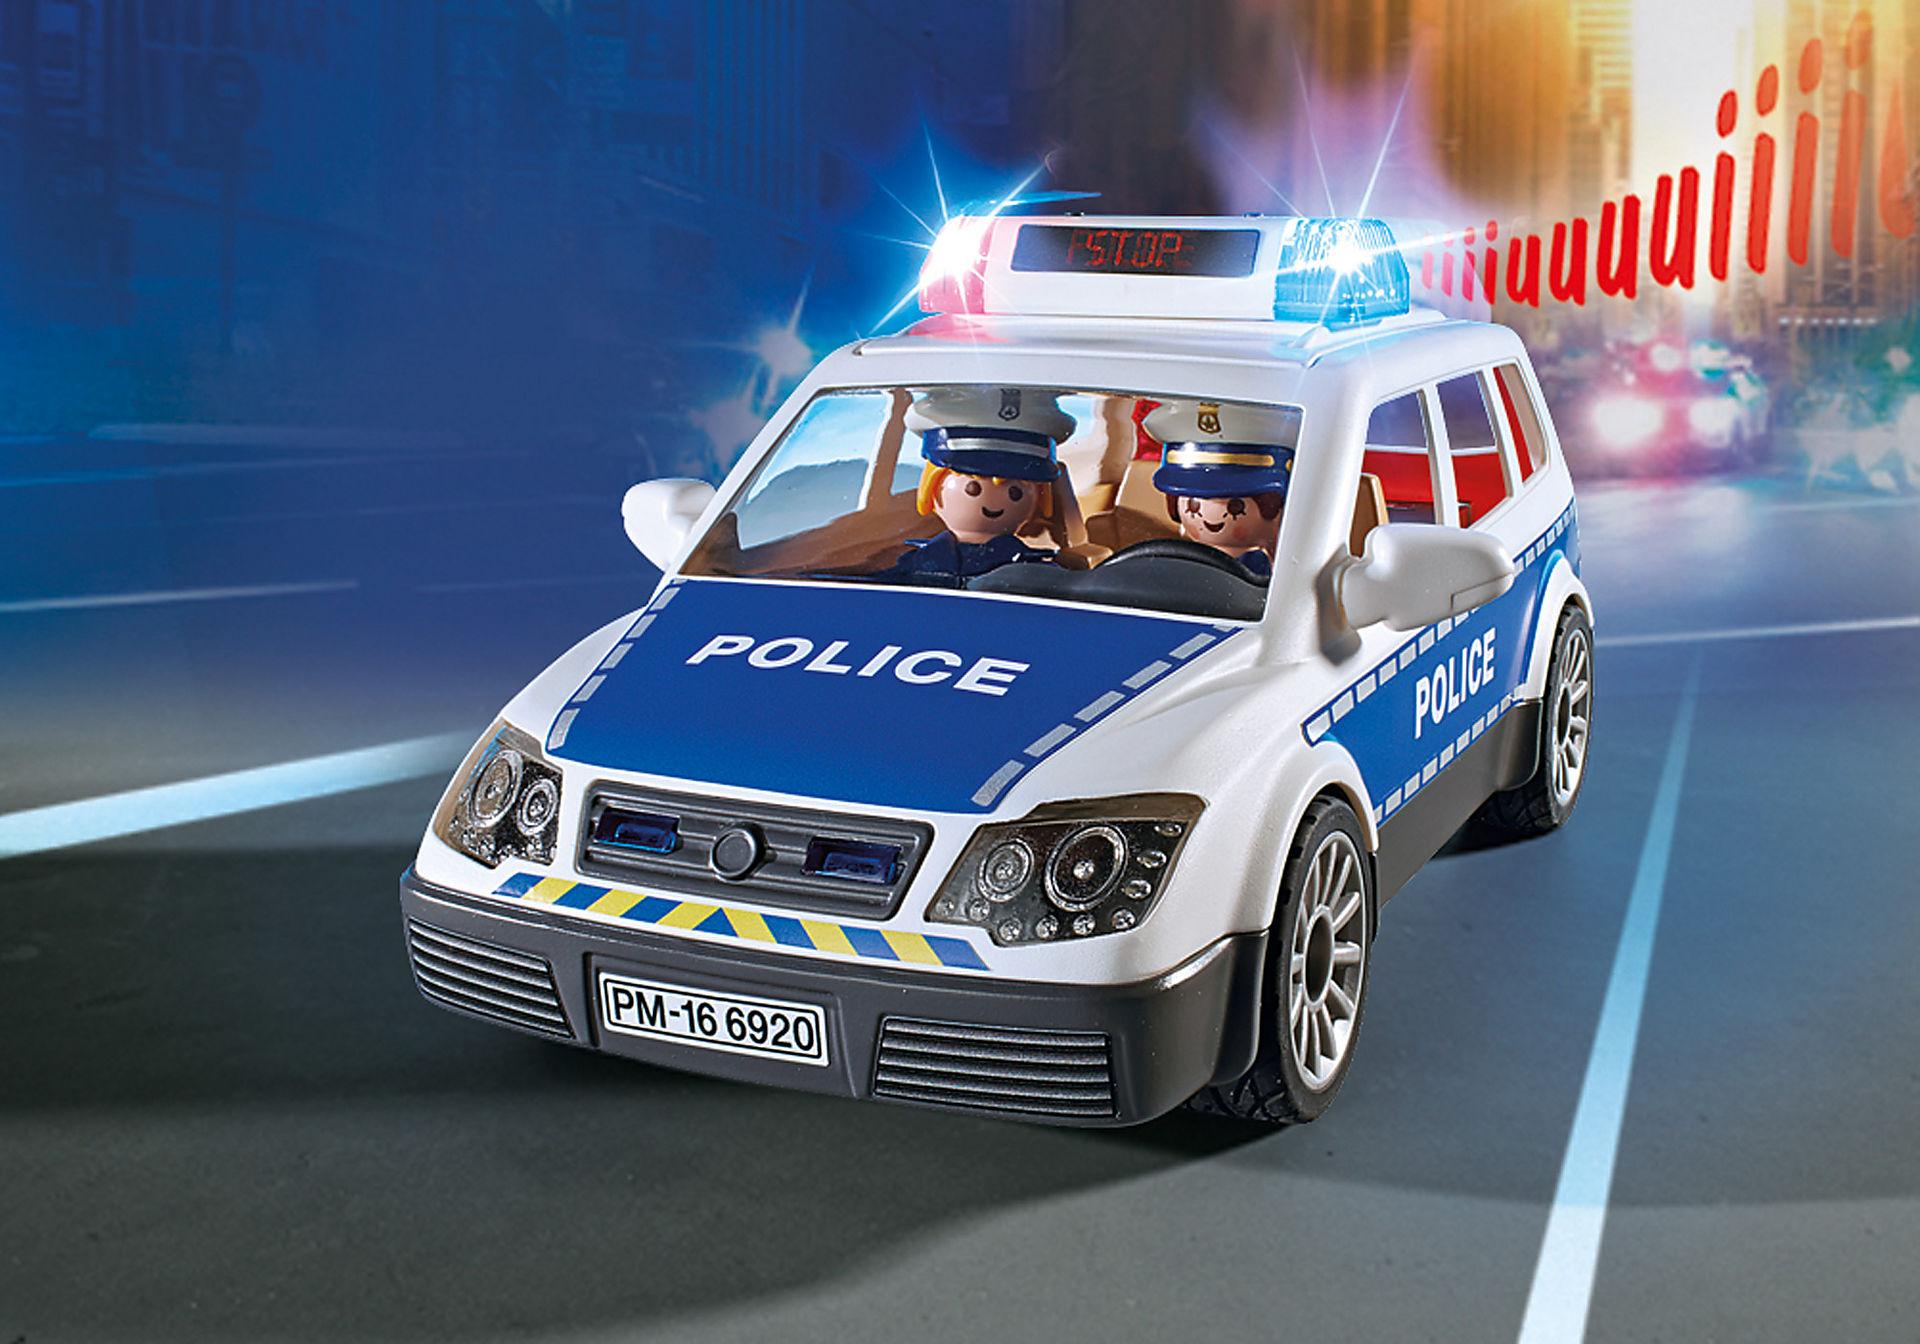 6920 Auto della Polizia zoom image6